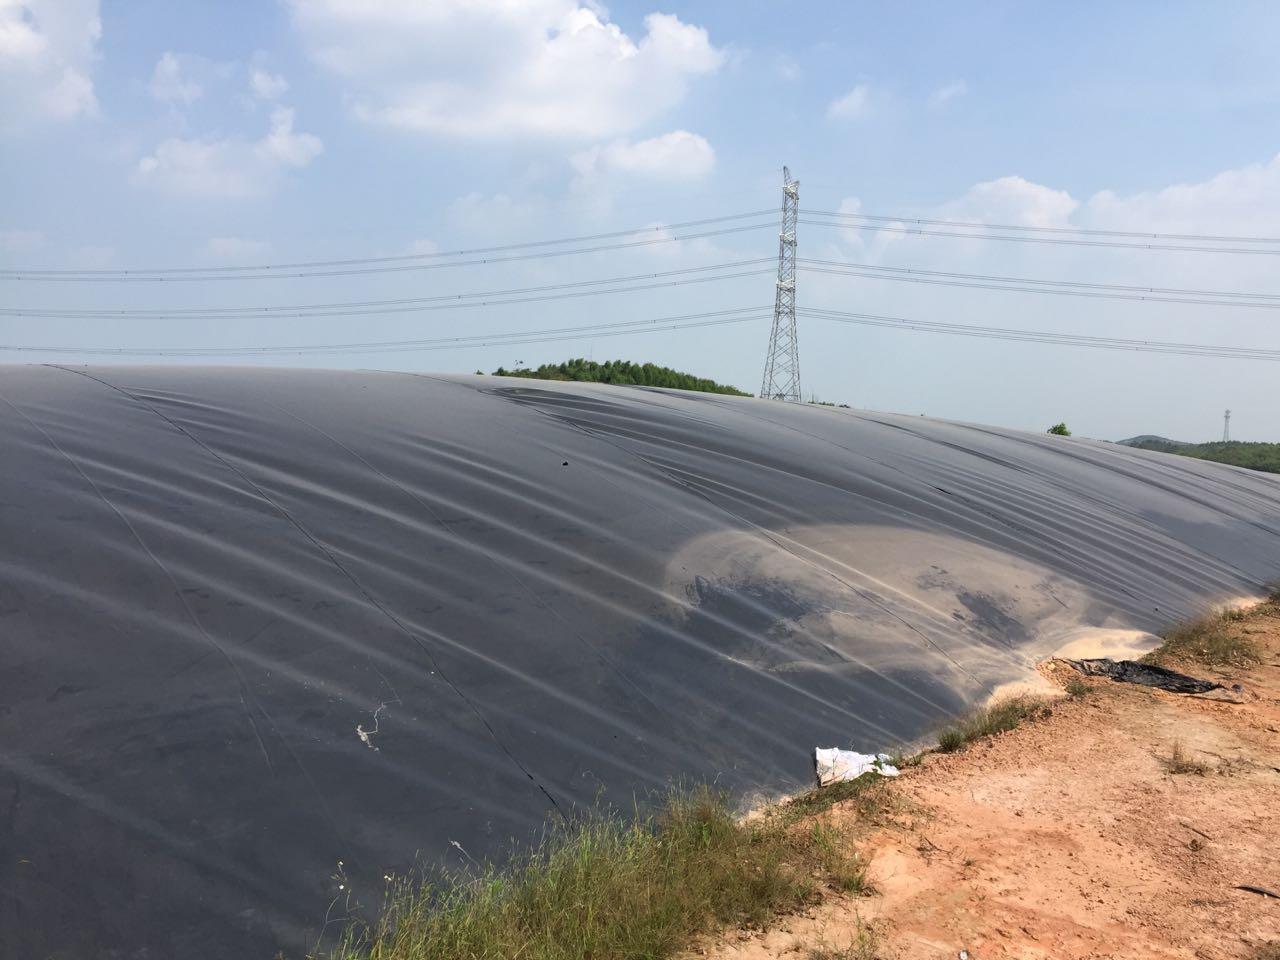 遼寧黑膜沼氣池能使用多久-廣東專業的黑膜沼氣池供應